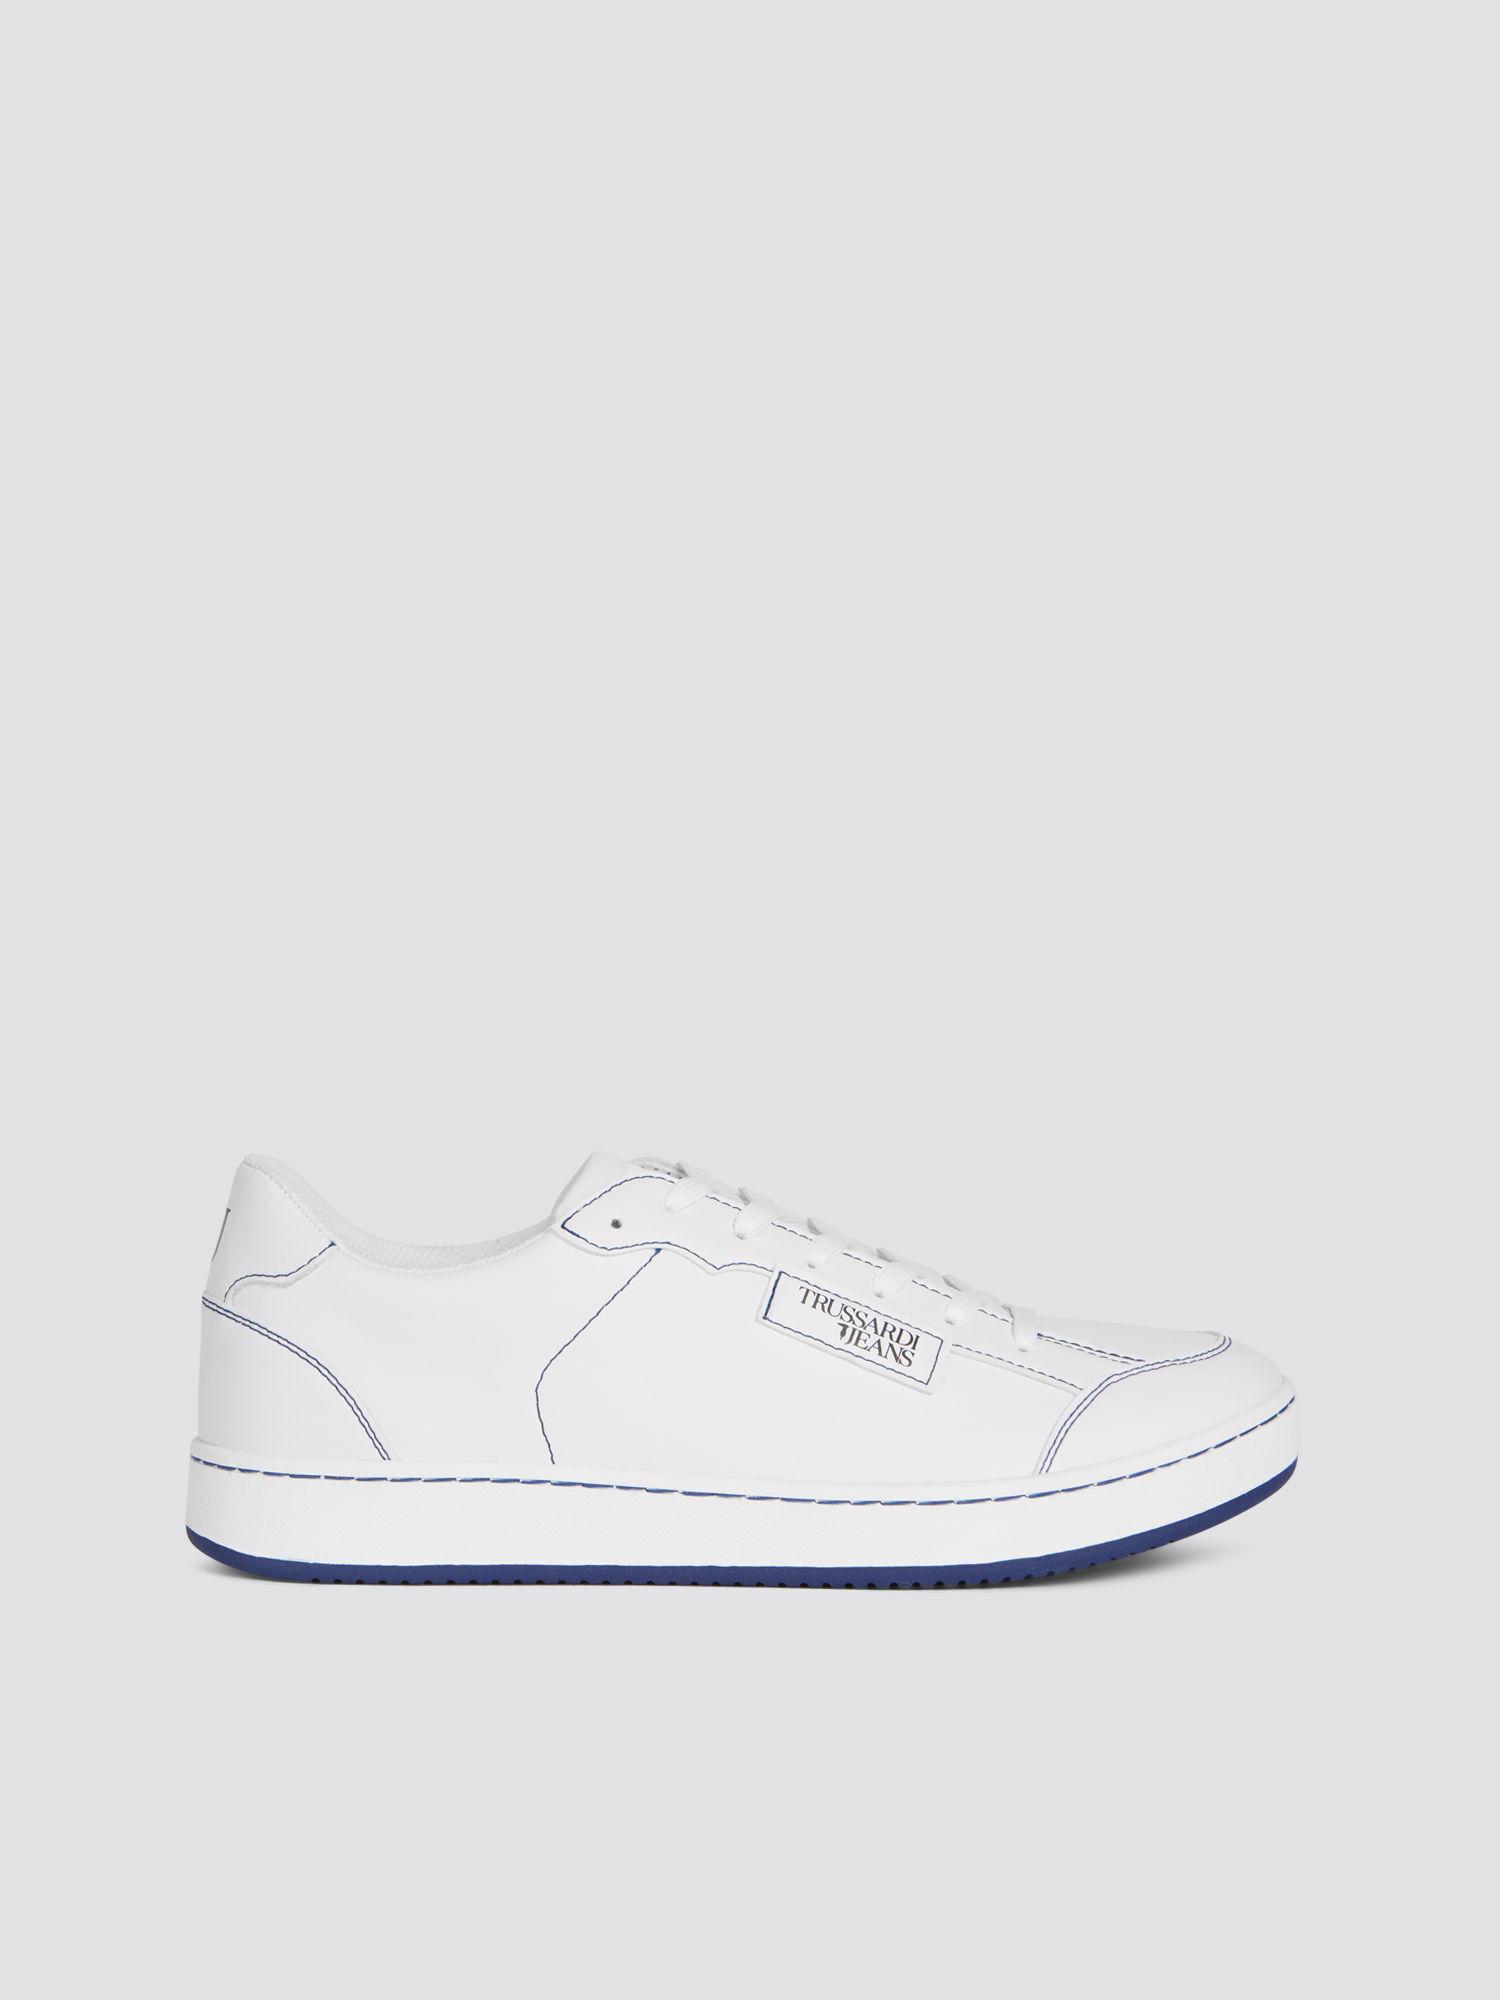 Chaussures pour hommes, rabais jusqu'à 70% | Trussardi ®